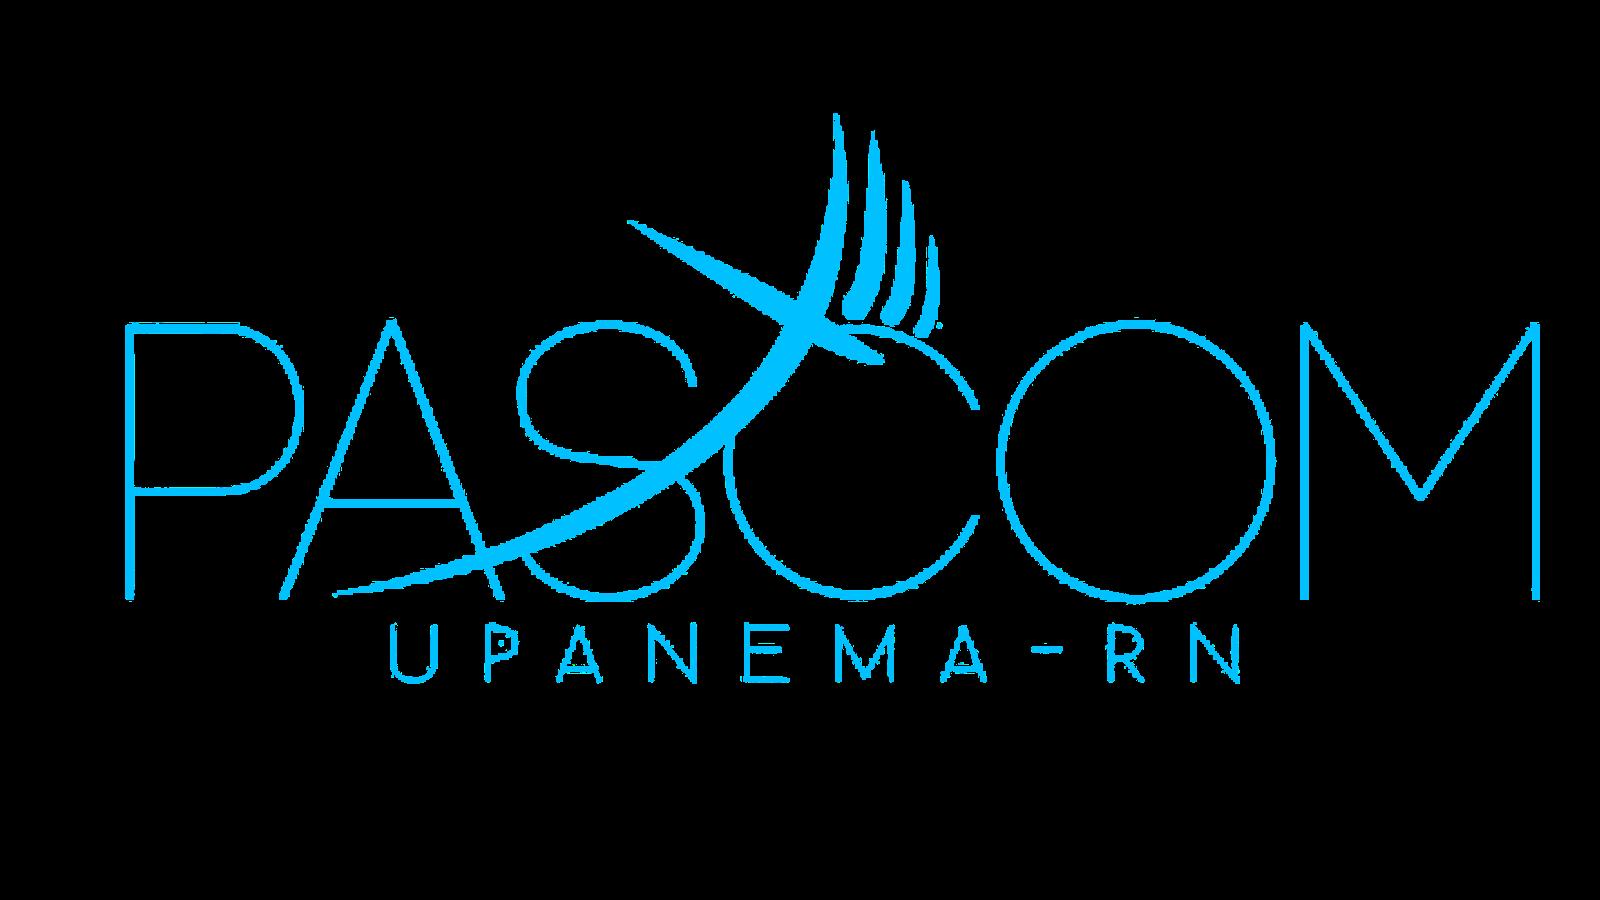 PASCOM - UPANEMA/RN